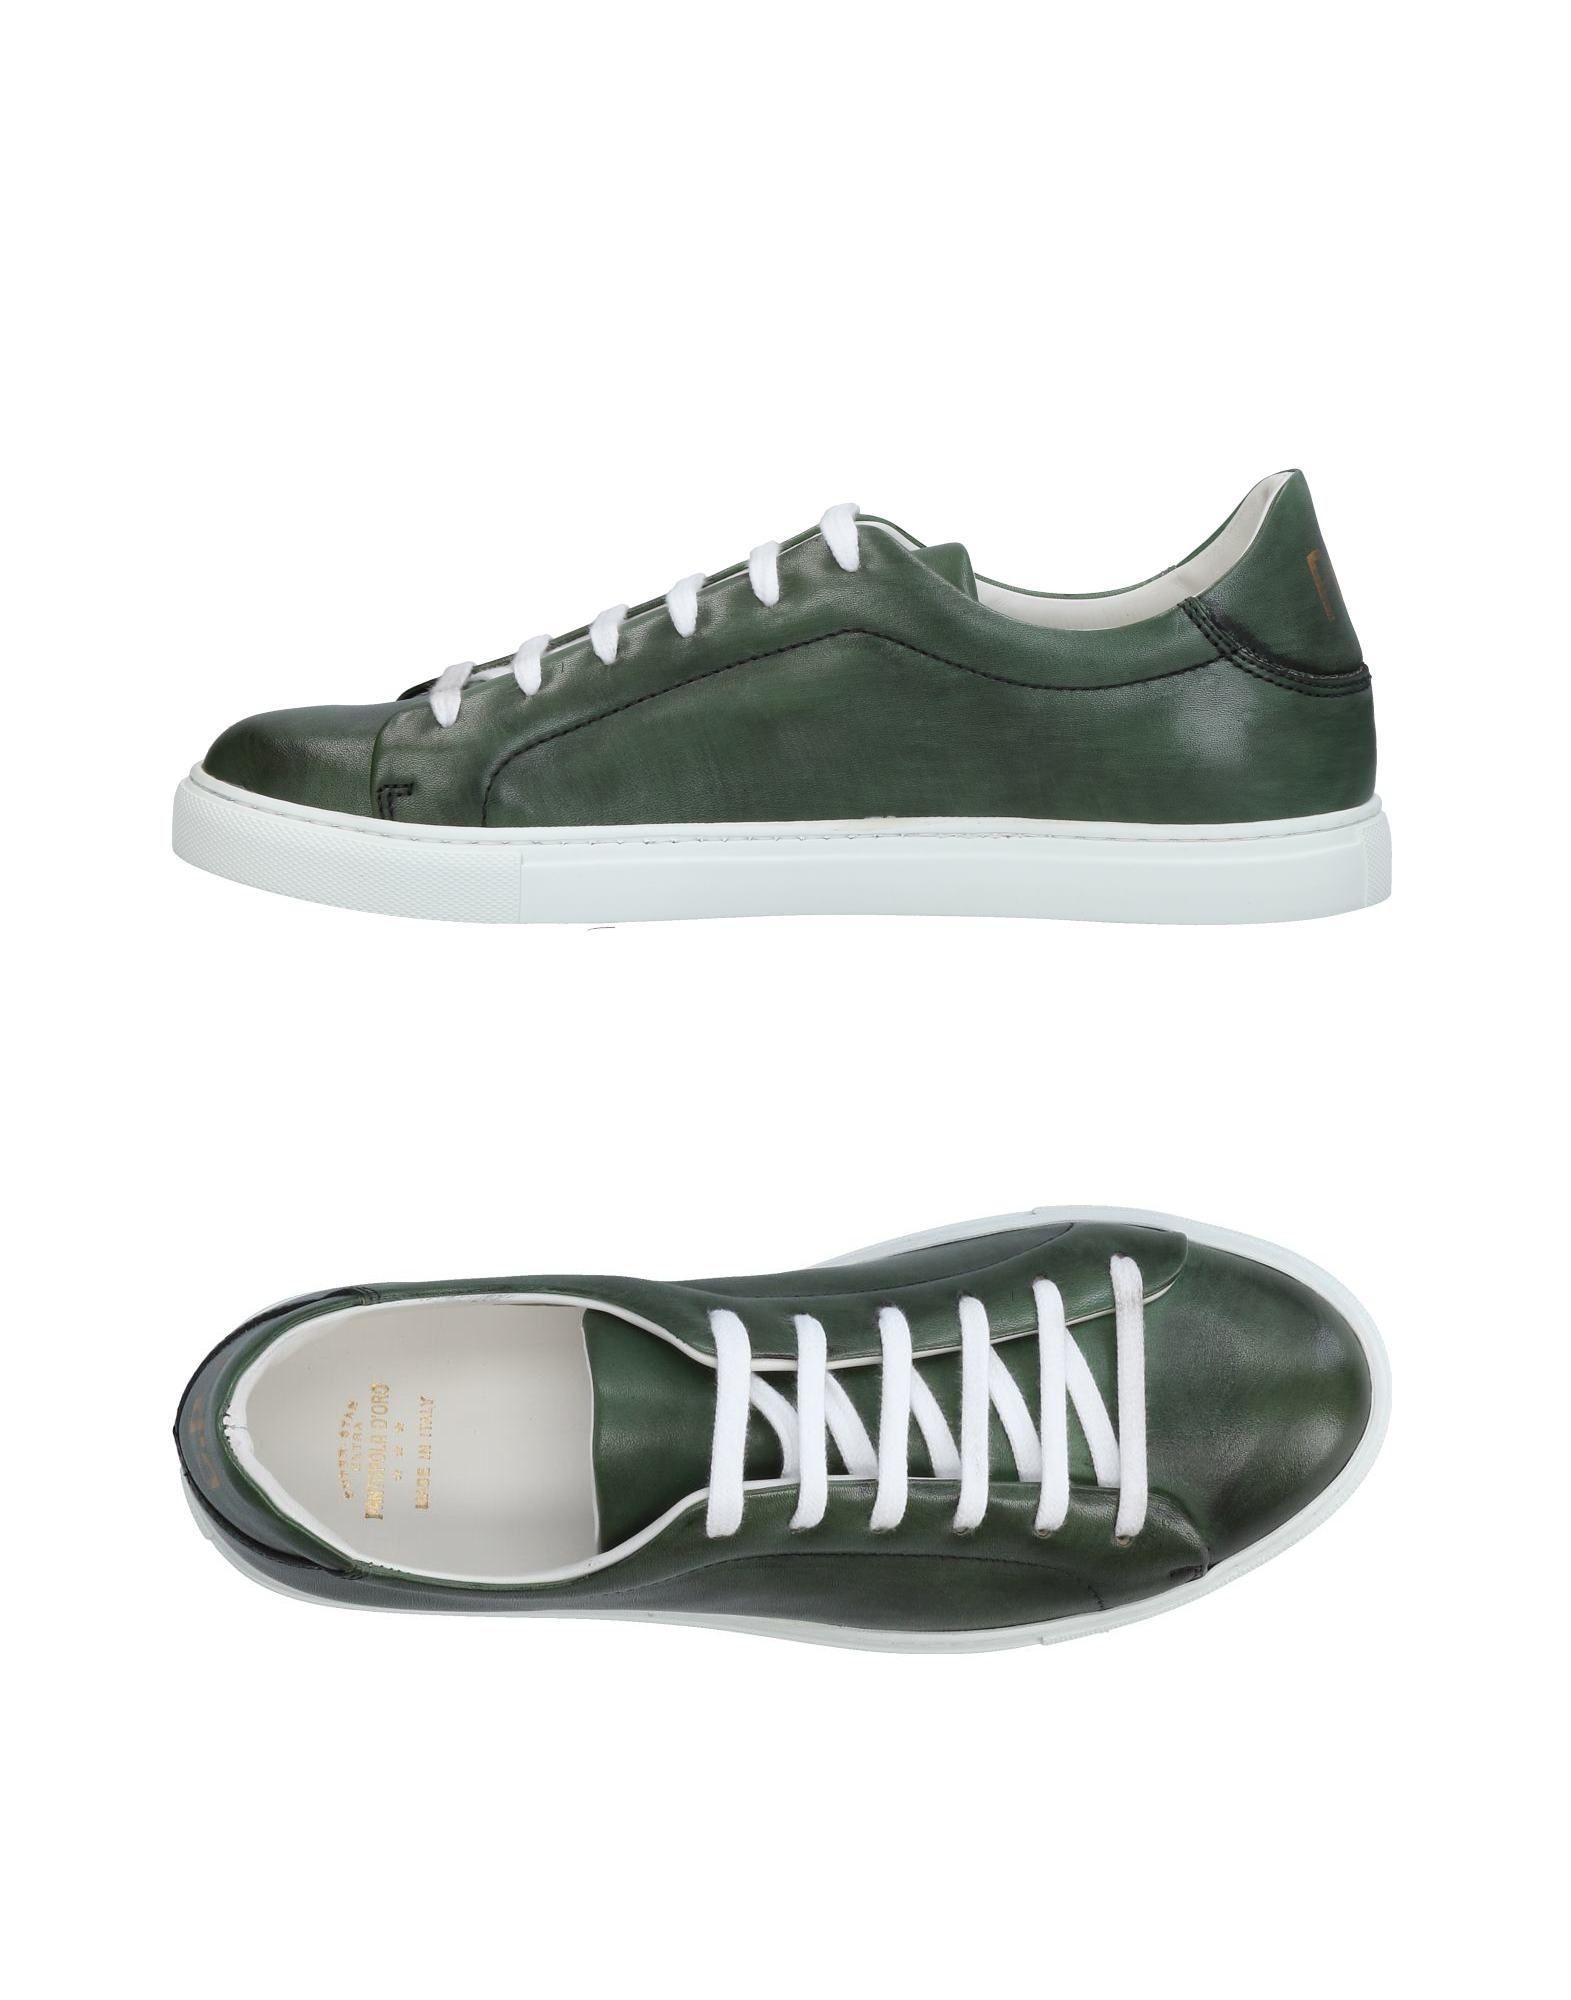 Sneakers Pantofola D'oro Homme - Sneakers Pantofola D'oro  Bleu foncé Mode pas cher et belle